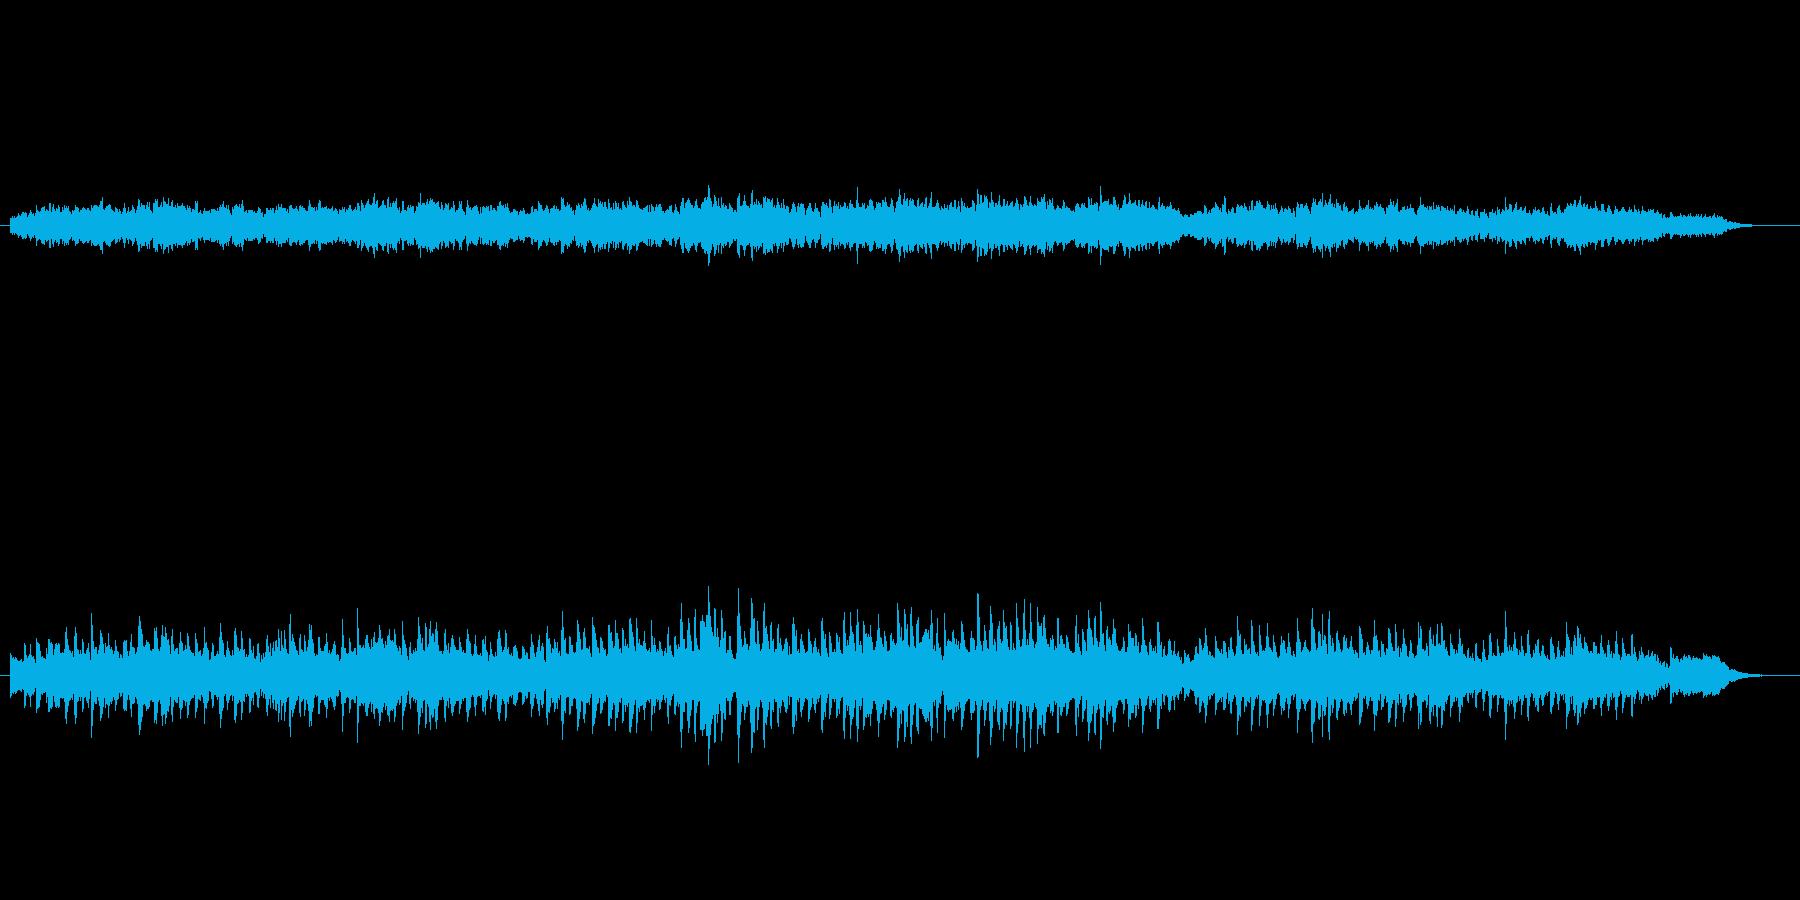 雨だれのプレリュードの前半をキラキラし…の再生済みの波形